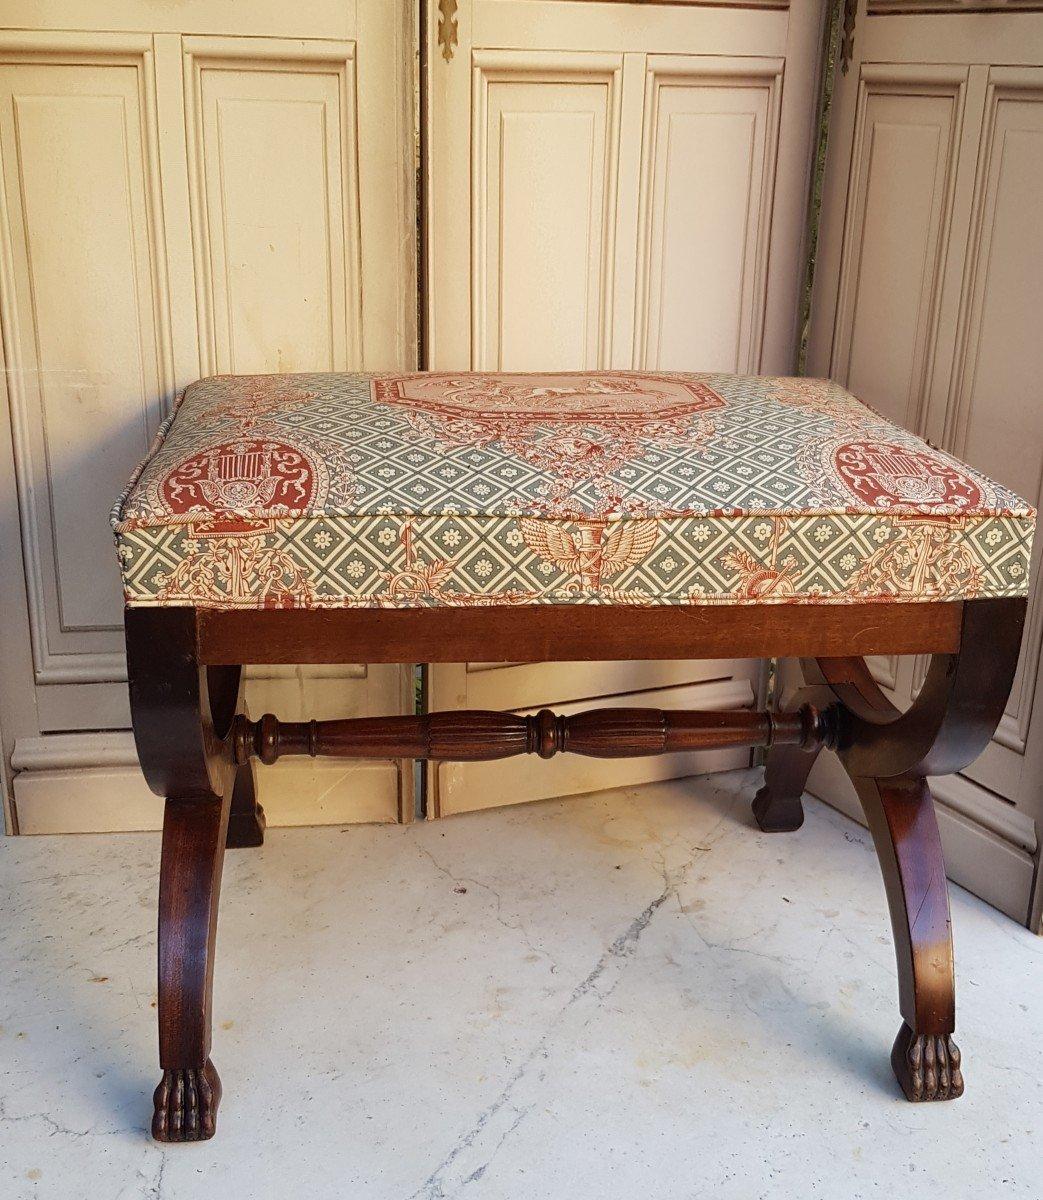 GRAND TABOURET CURULE STYLE EMPIRE ACAJOU  BOUT DE CANAPÉ TABLE D'APPOINT